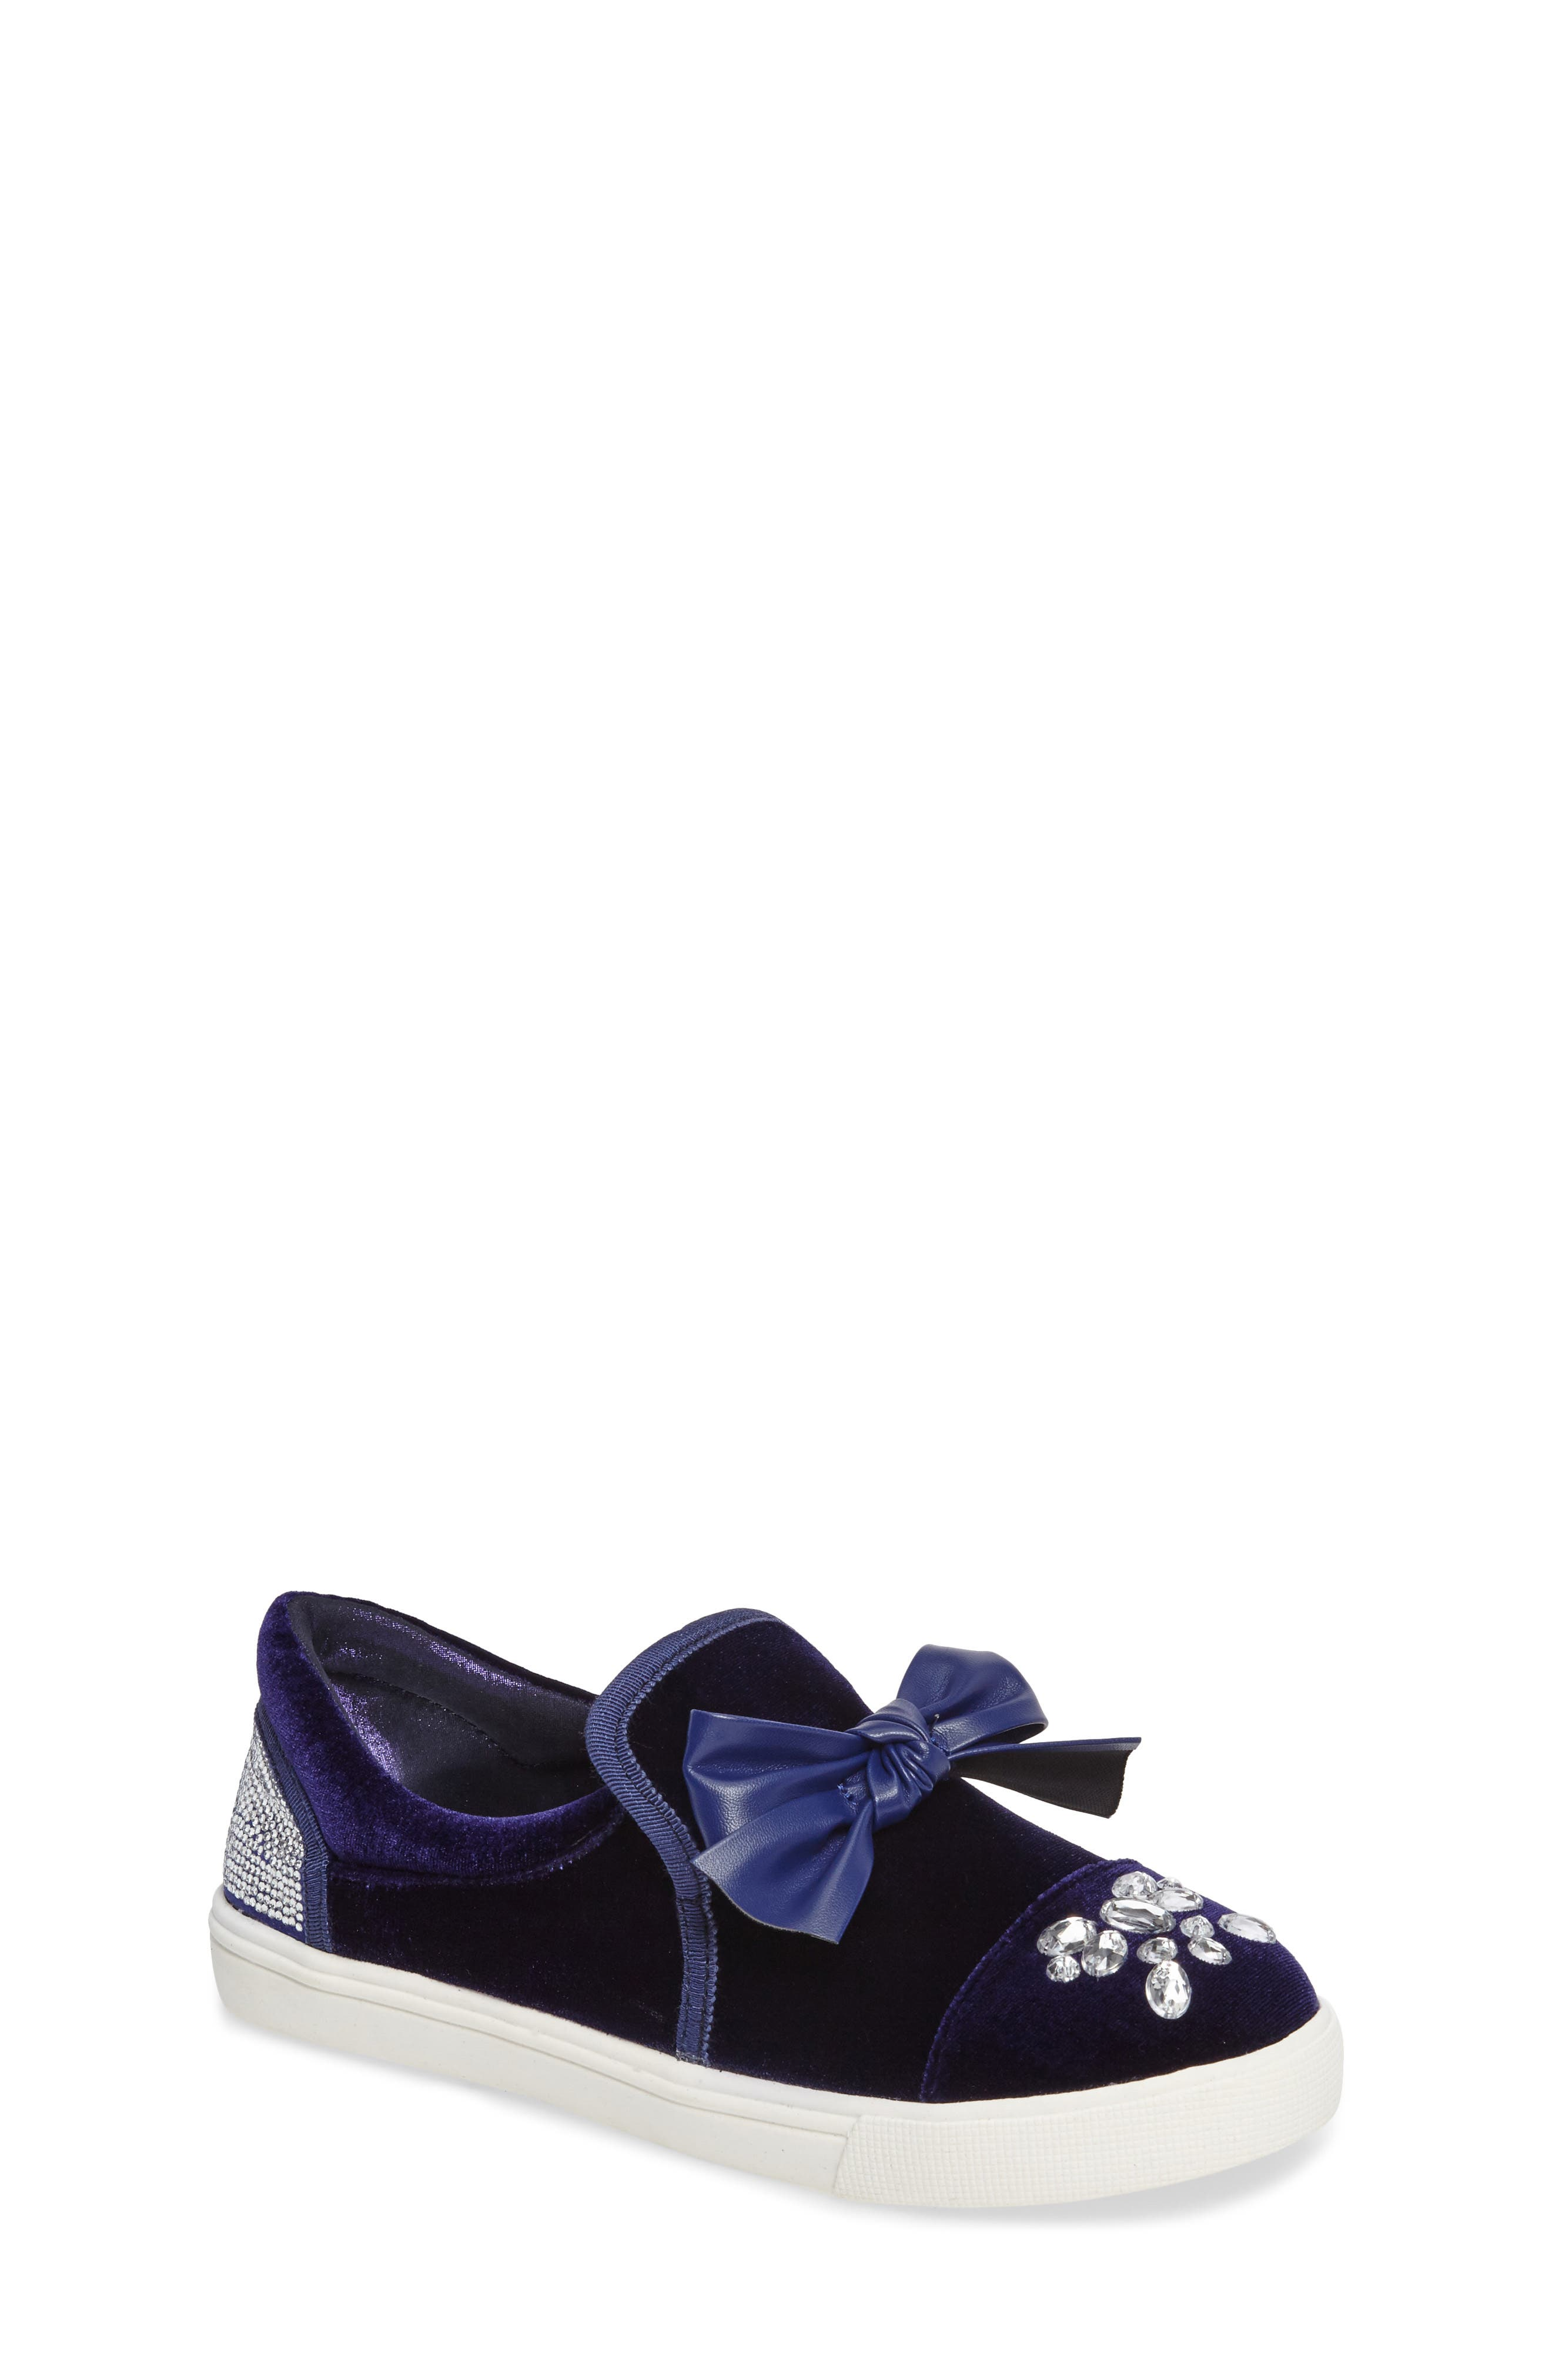 Alternate Image 1 Selected - Badgley Mischka Delight Embellished Slip-On Sneaker (Toddler, Little Kid & Big Kid)